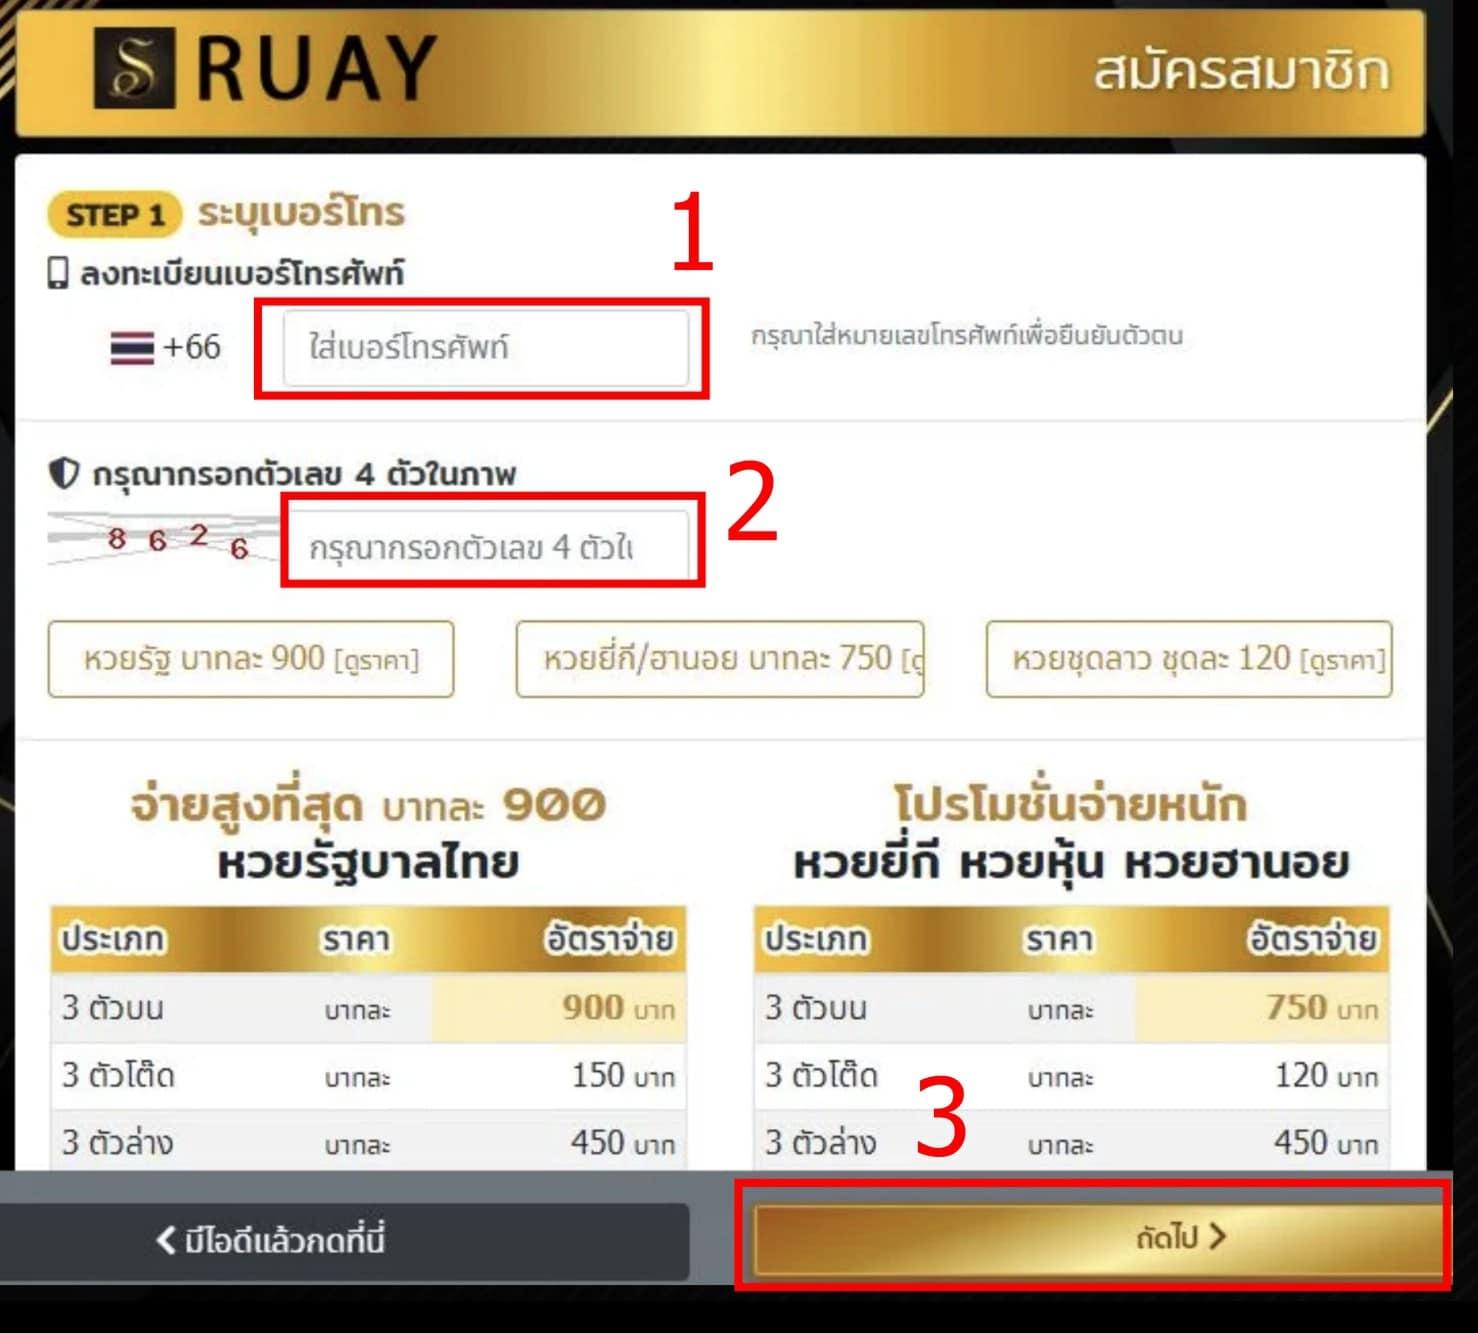 2 แชร์ ruay